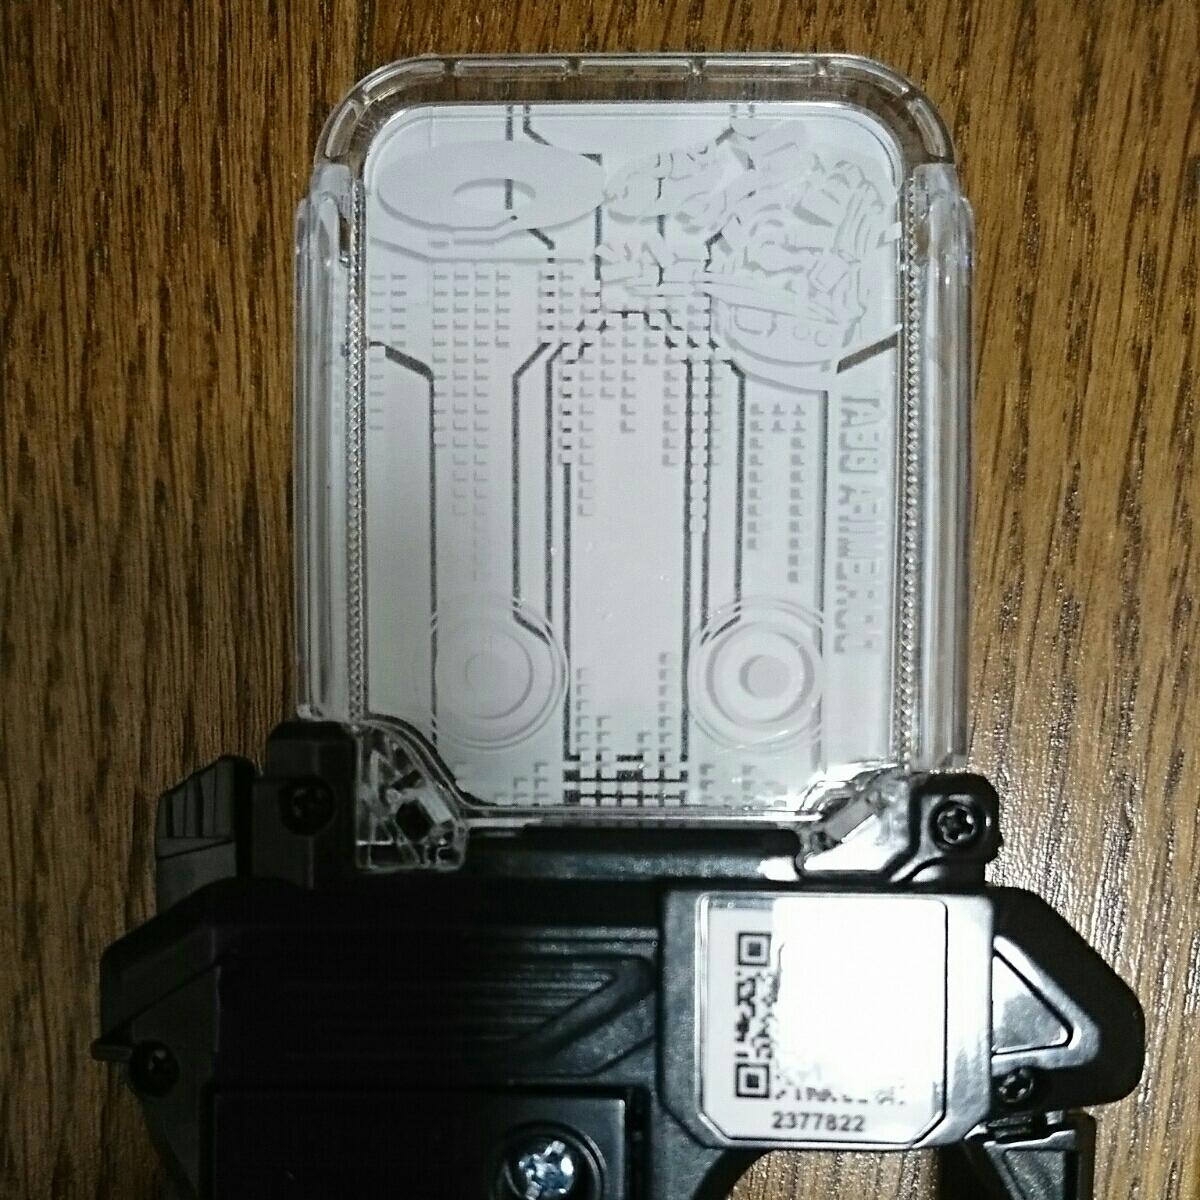 仮面ライダー エグゼイド DX プロト ドレミファビート ガシャット なりきり 変身 ベルト まとめて セット 発送可 大量 出品中_画像5